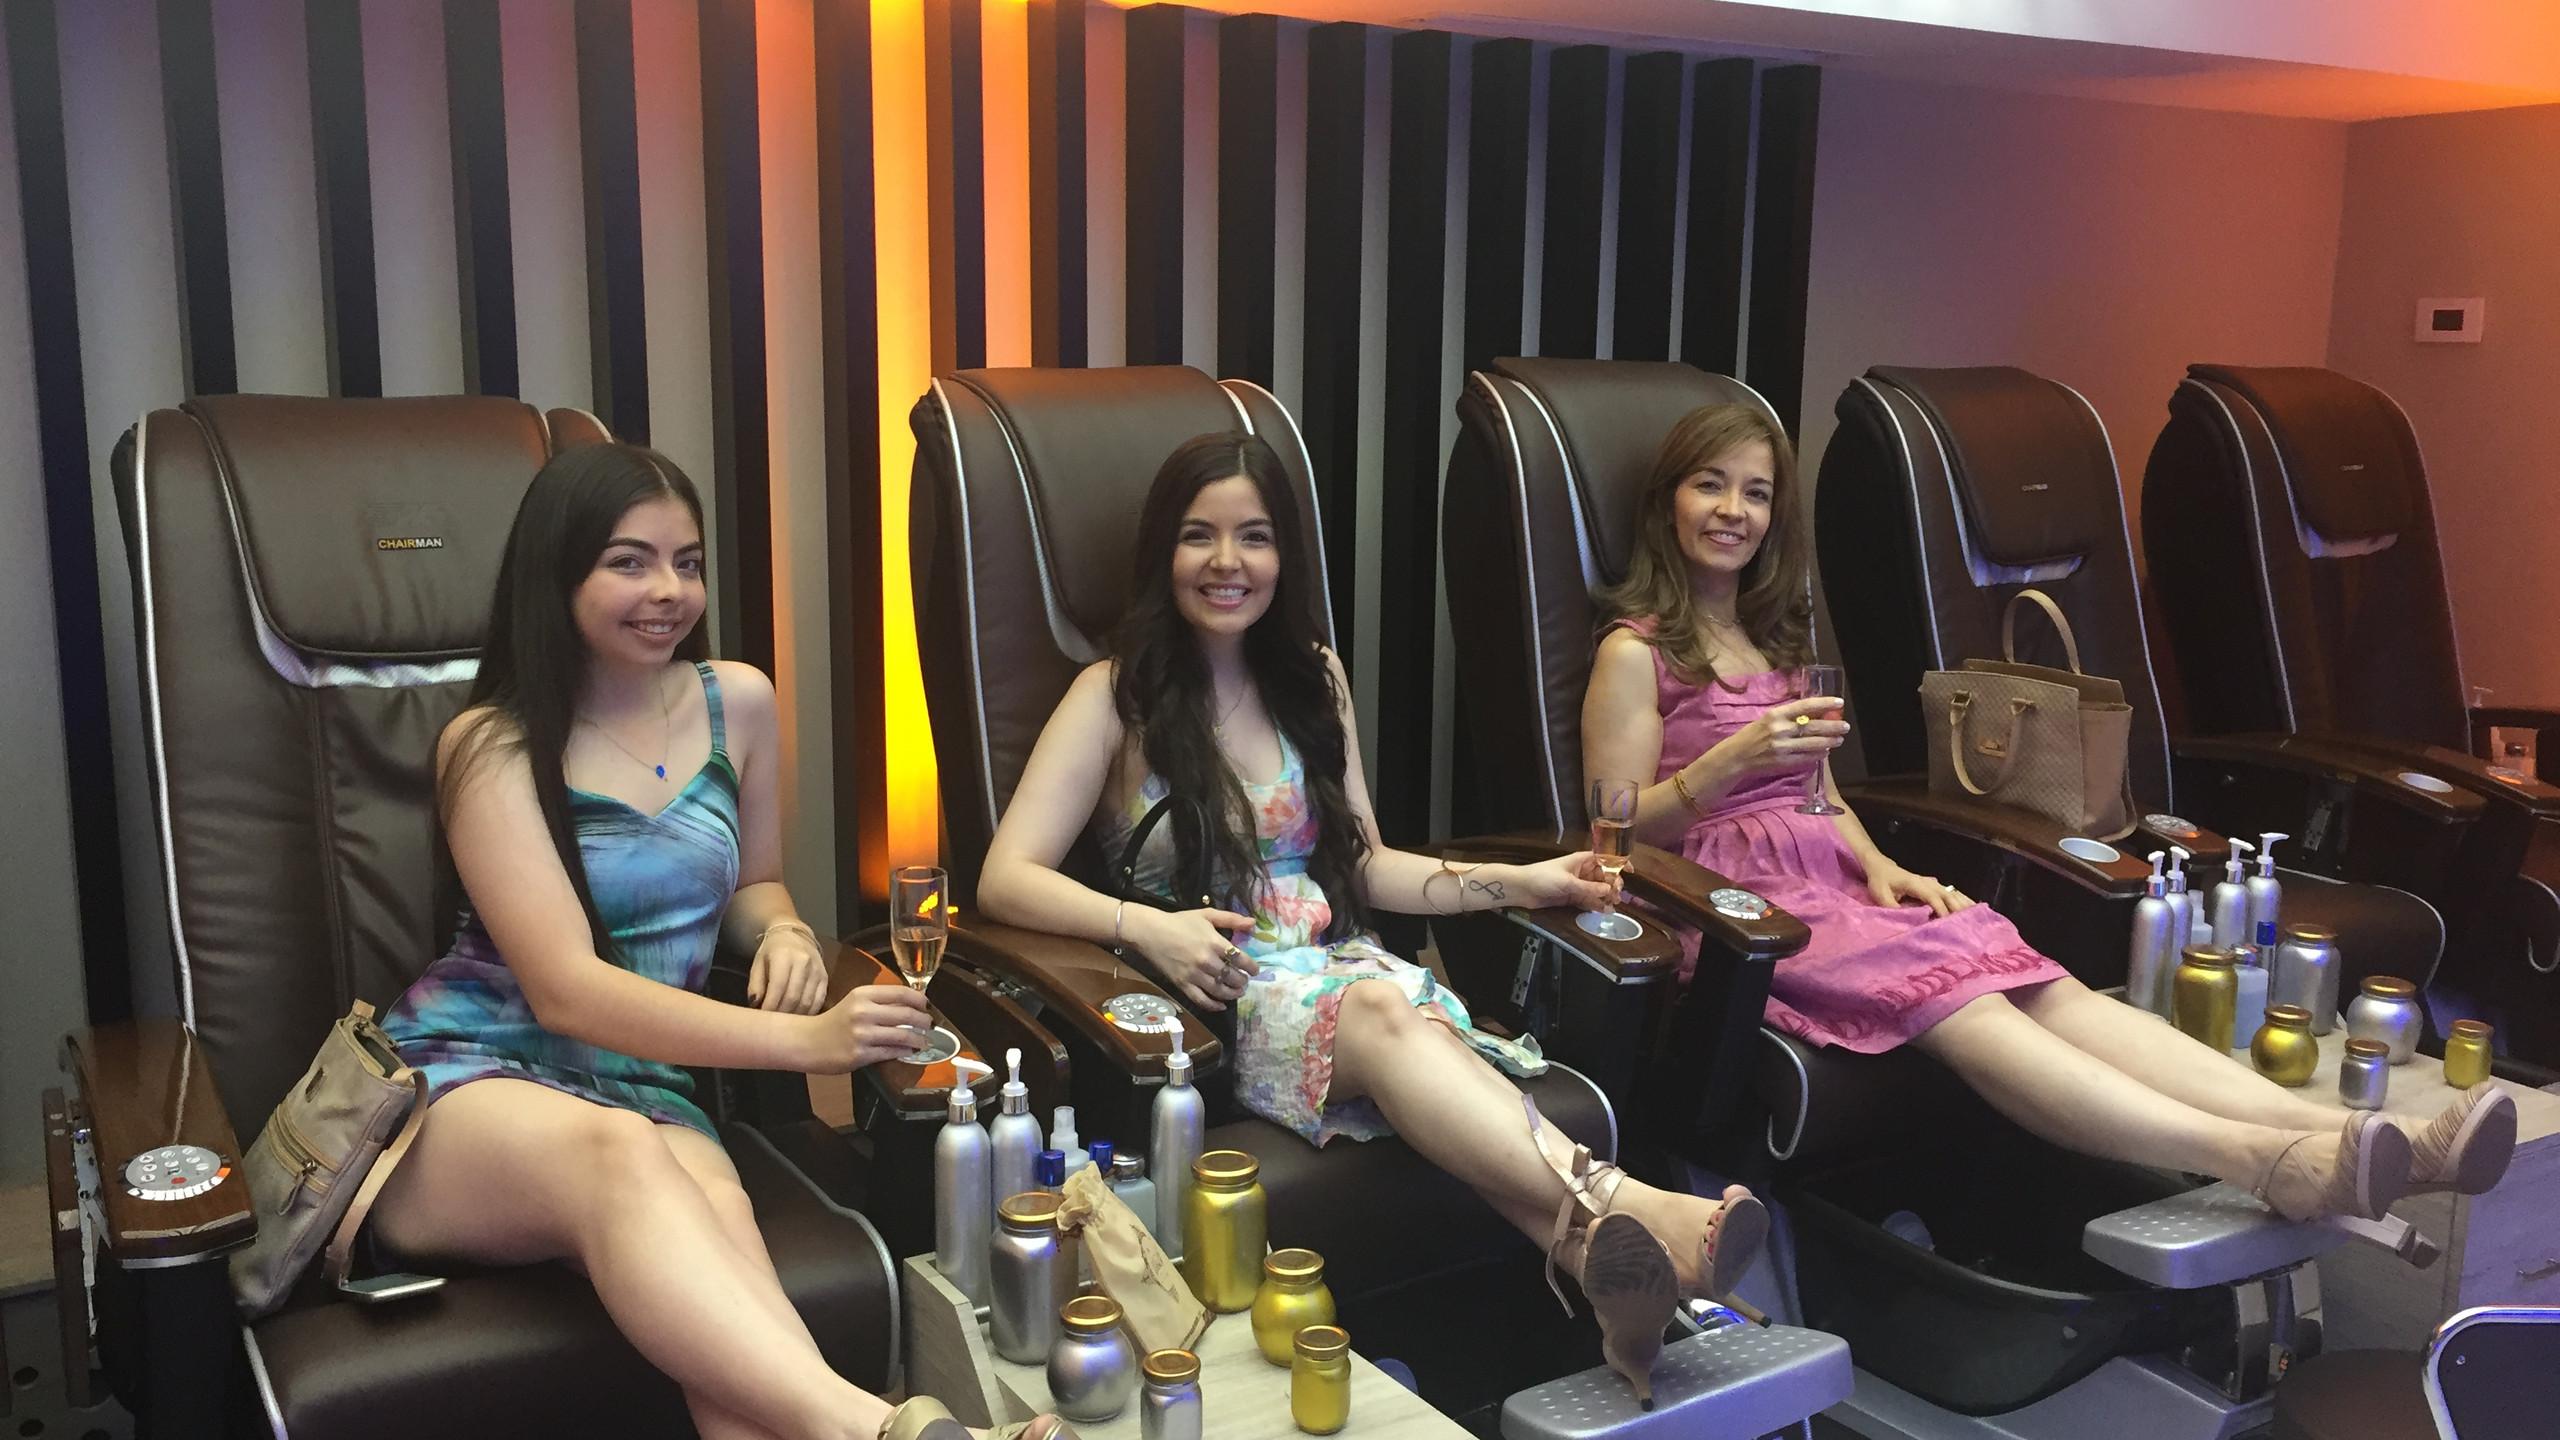 Spa de pies sillas masajeadoras